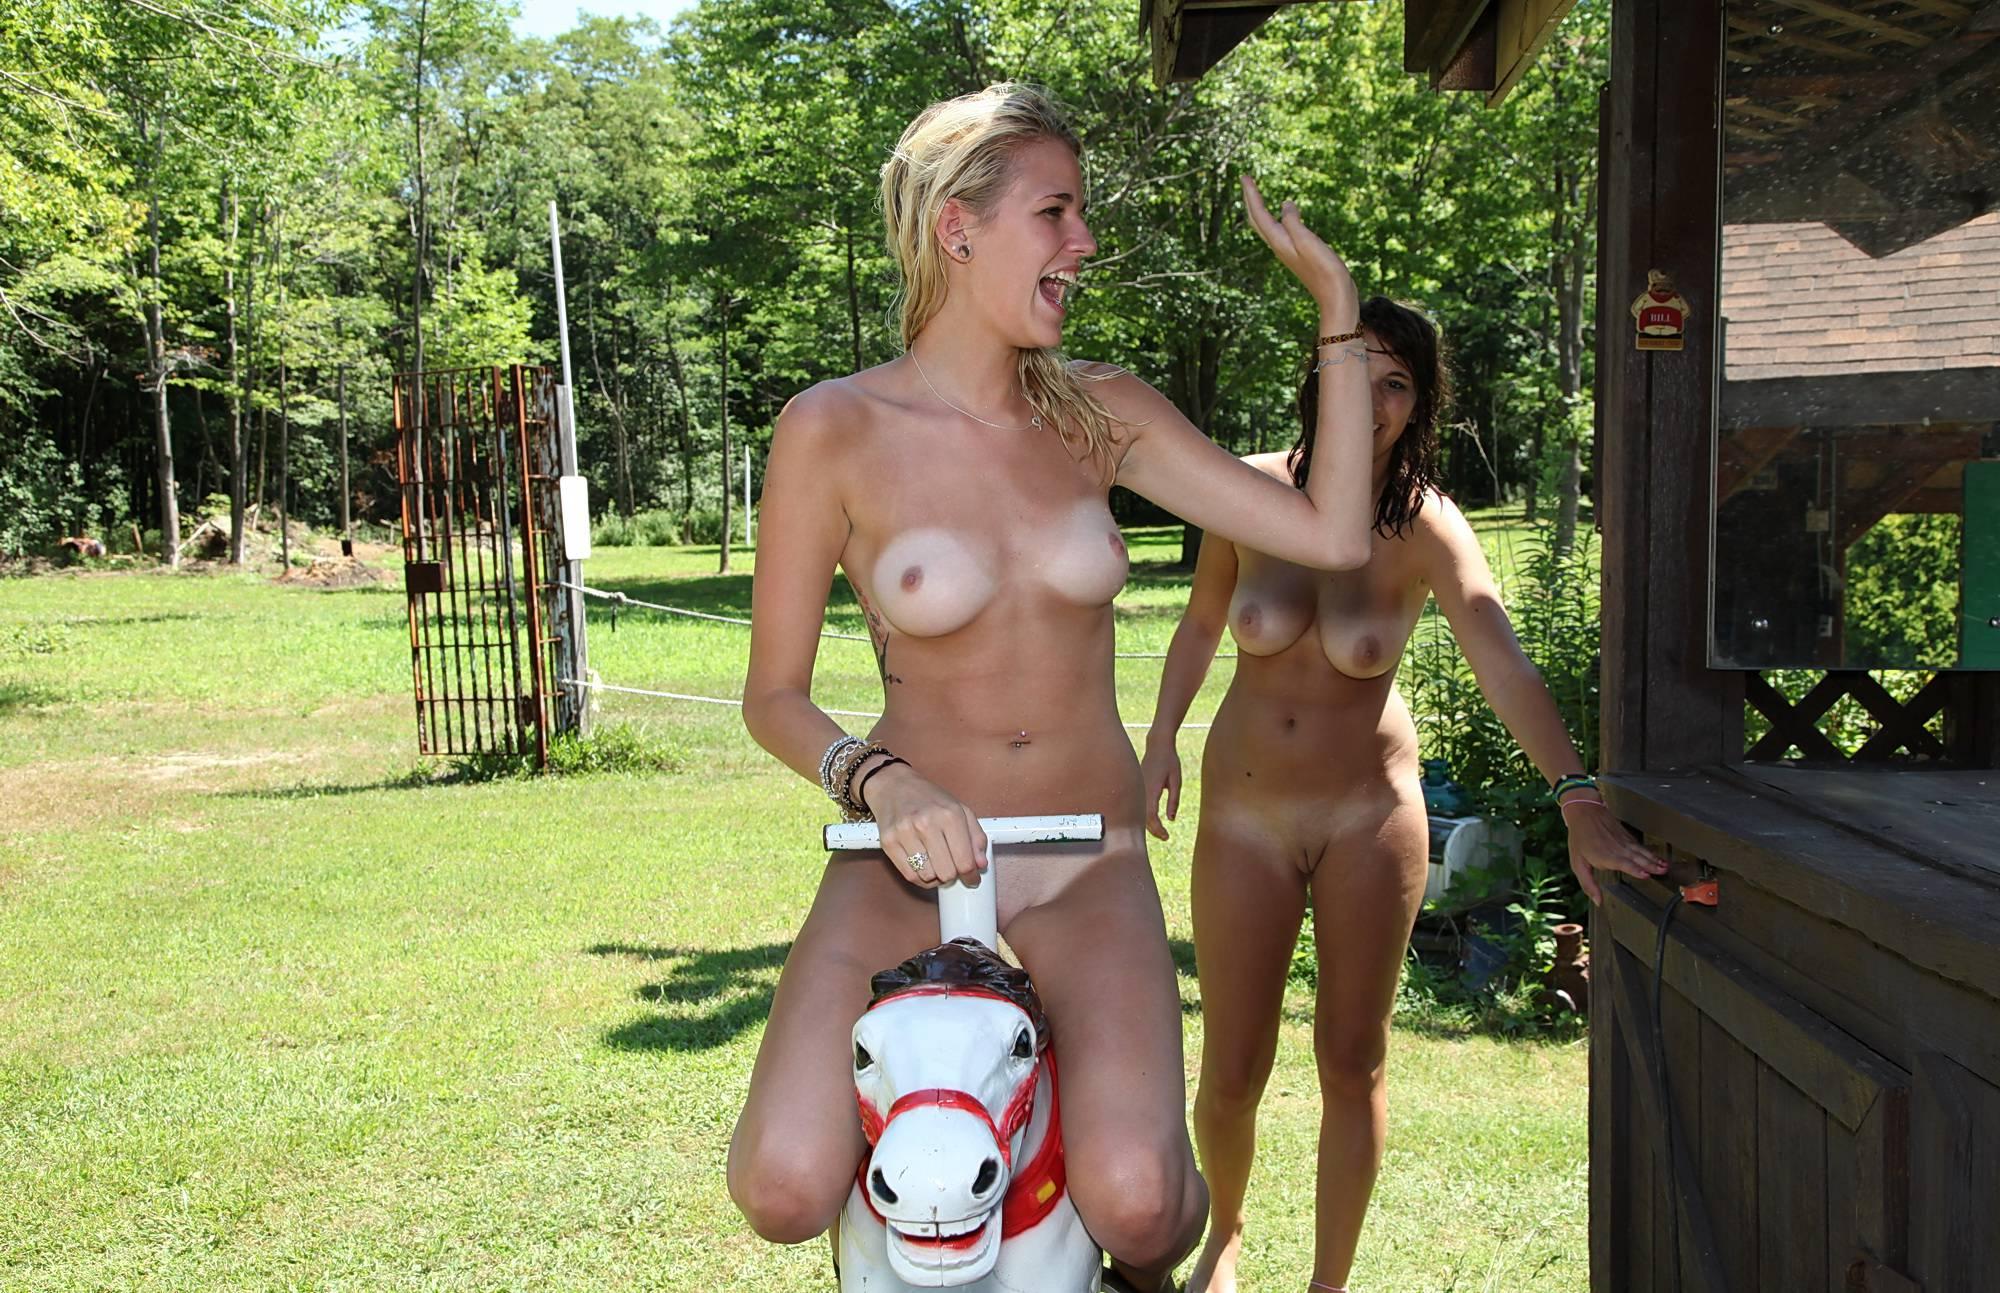 Nudist Photos Nude Pony Ride Attraction - 1